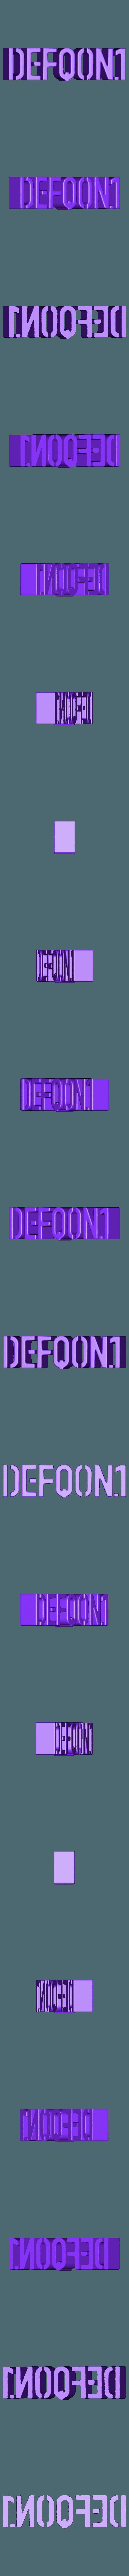 defqon_ecrit.stl Download free STL file DEFQON LOGO • 3D printing model, BODY3D